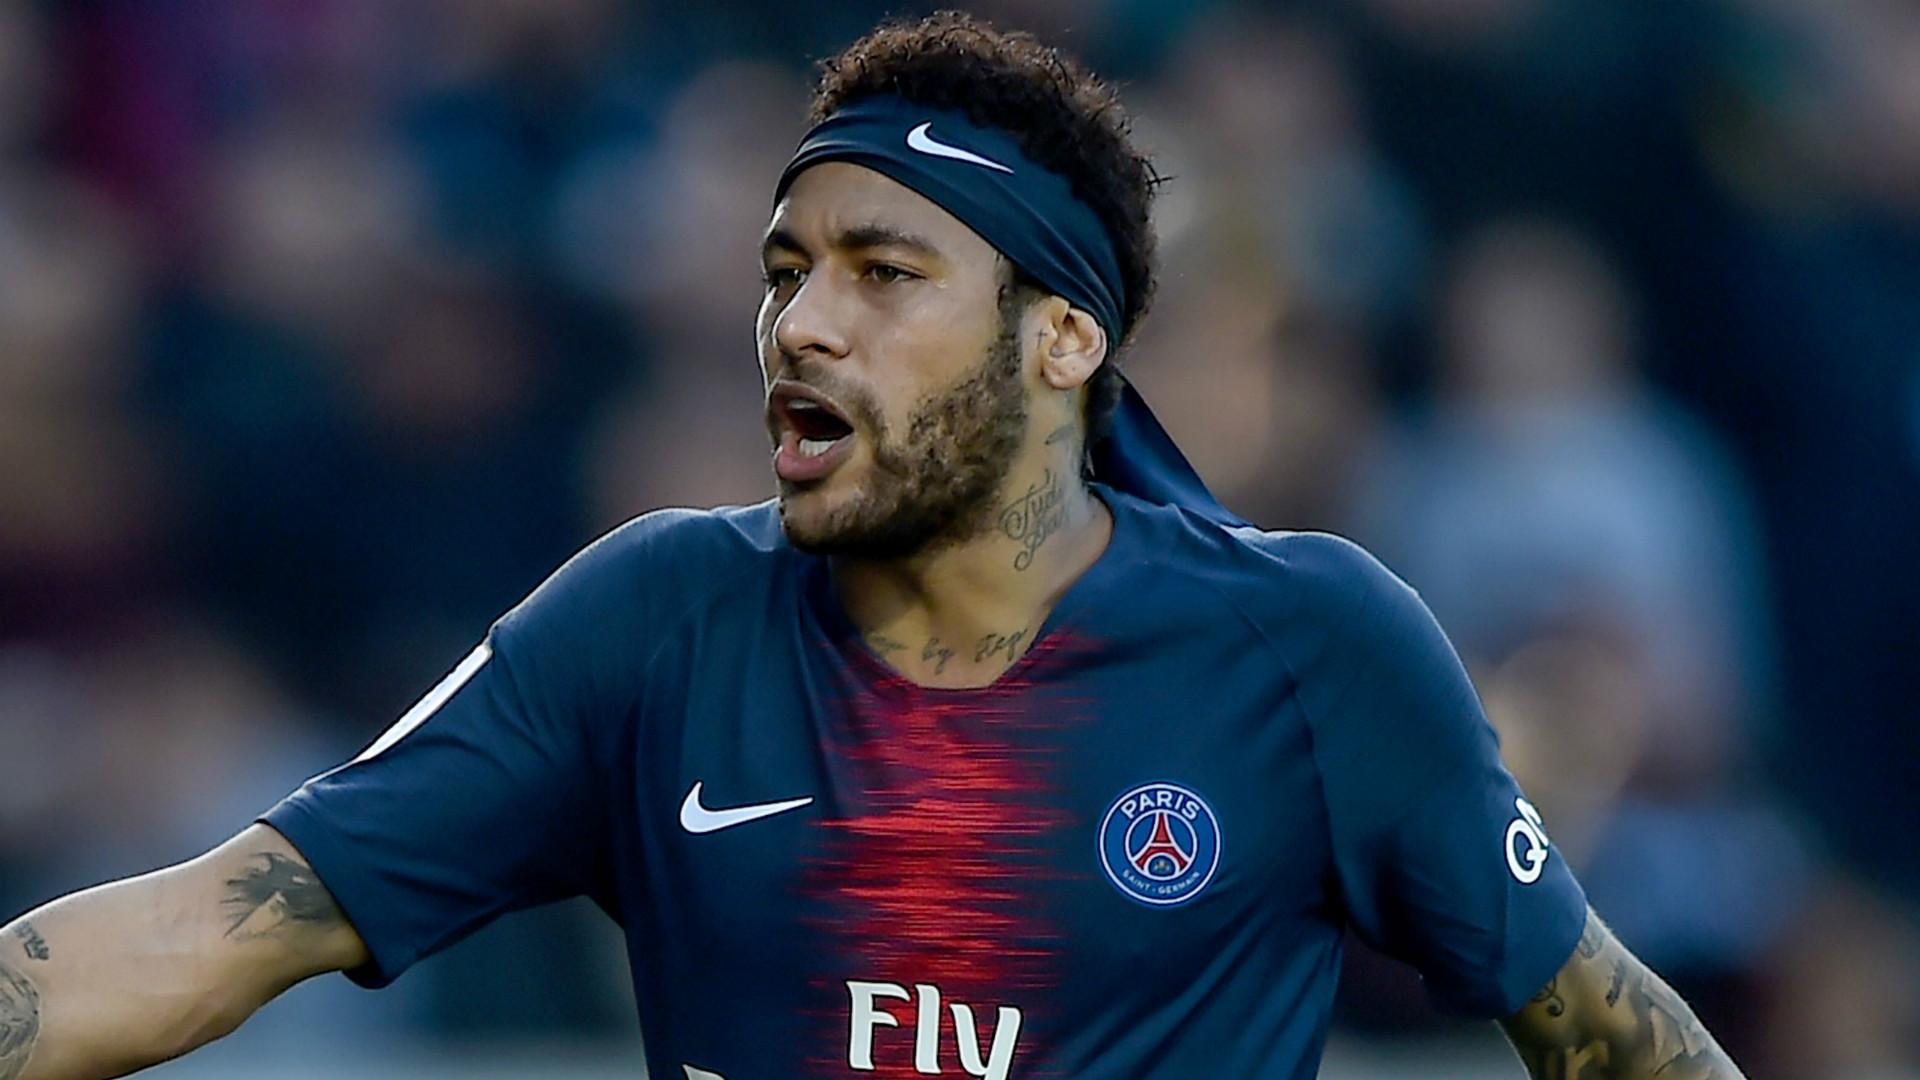 CANLI   Transfer haberleri & dedikoduları: Barcelona, Neymar'ı geri istiyor